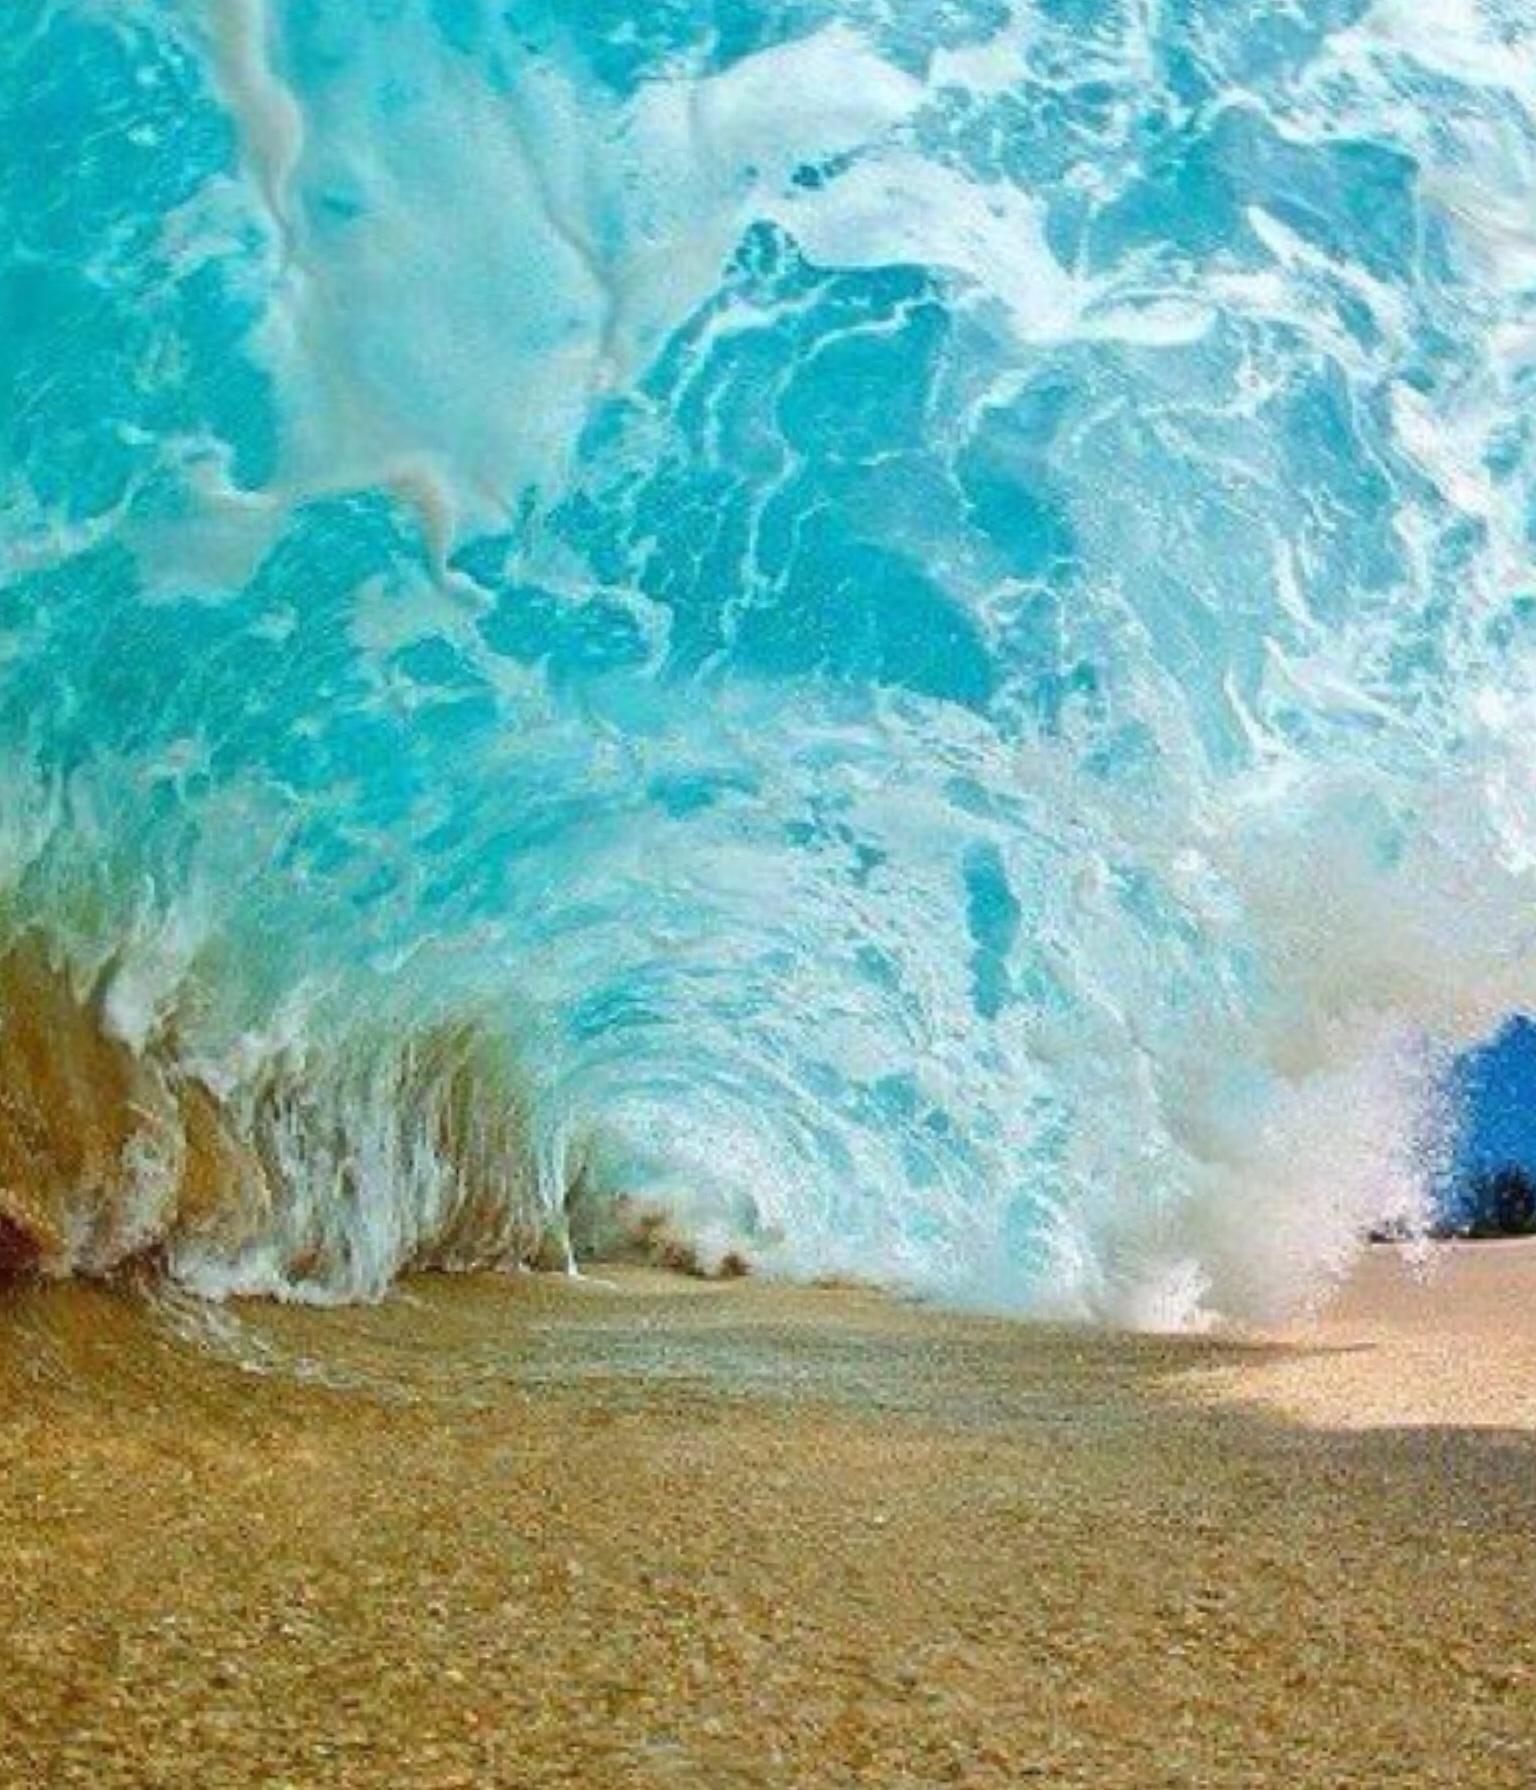 Хвилі у природі фото 6 фотография